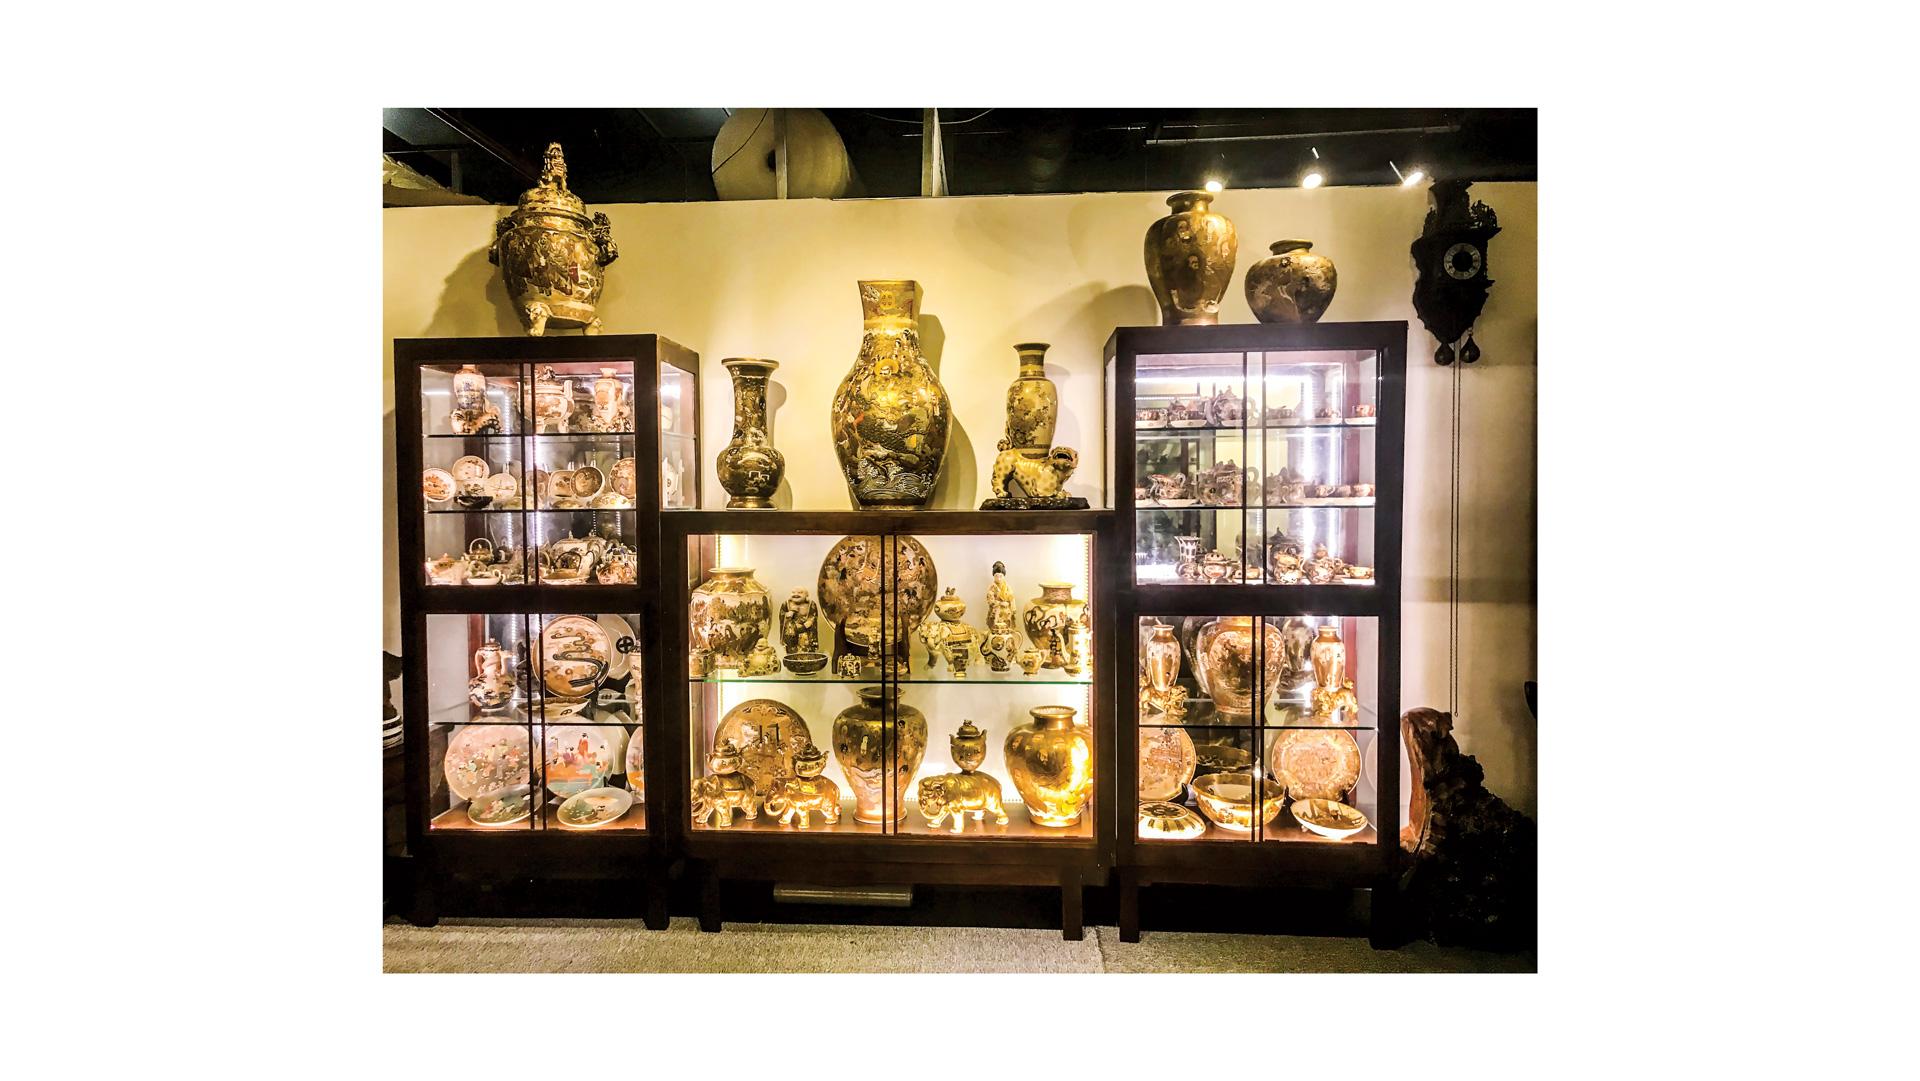 Hội quán Long Chương, hội ngộ đam mê gốm sứ Nhật Bản ảnh 2